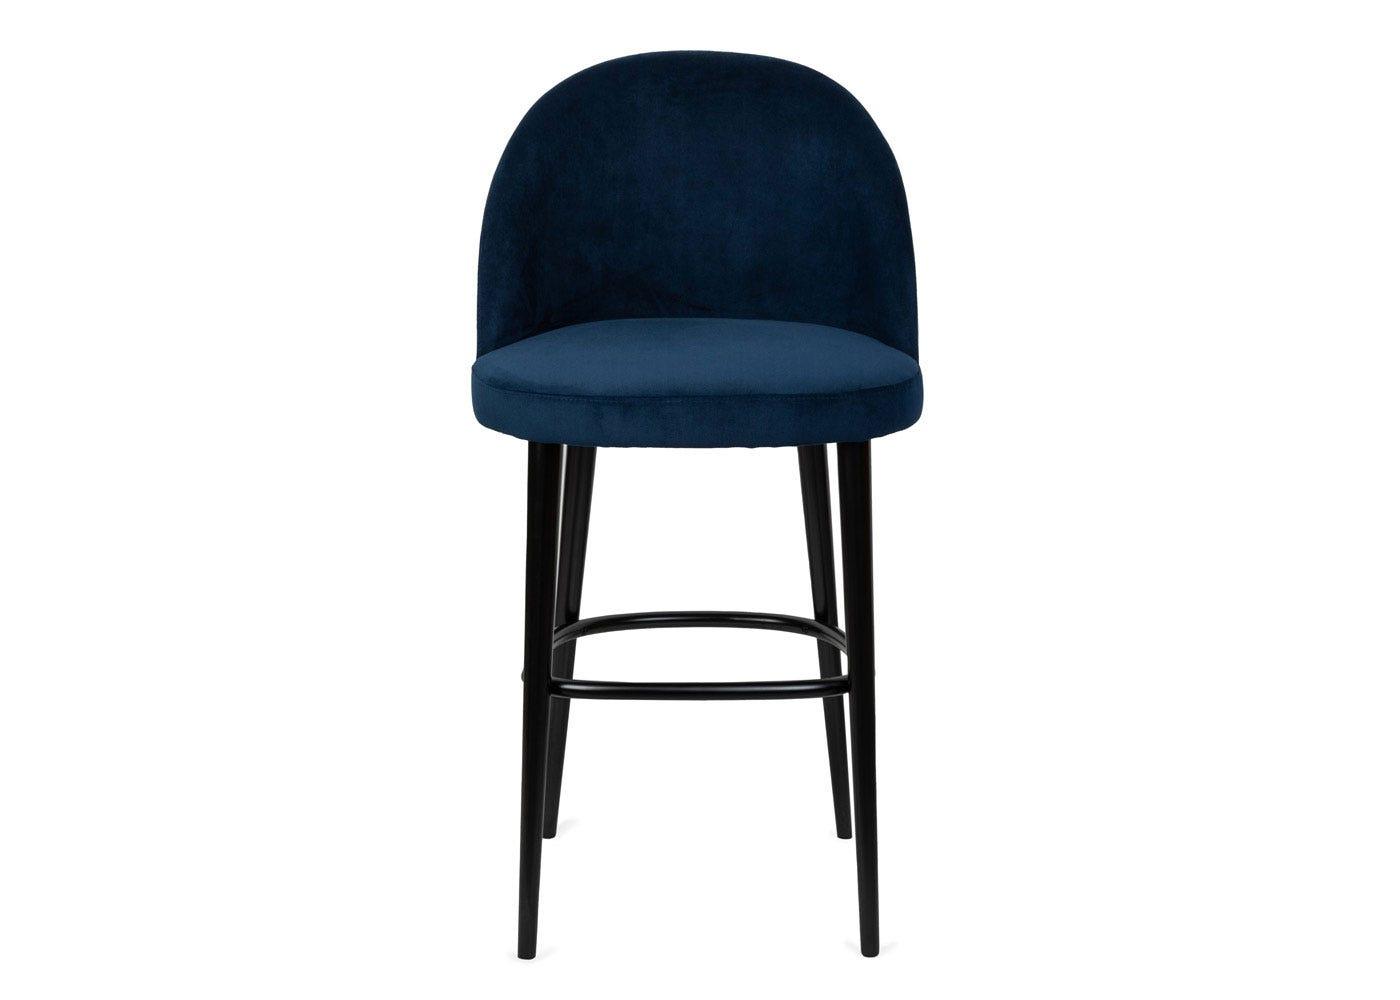 As shown: Austen bar stool plush velvet indigo - Front profile.